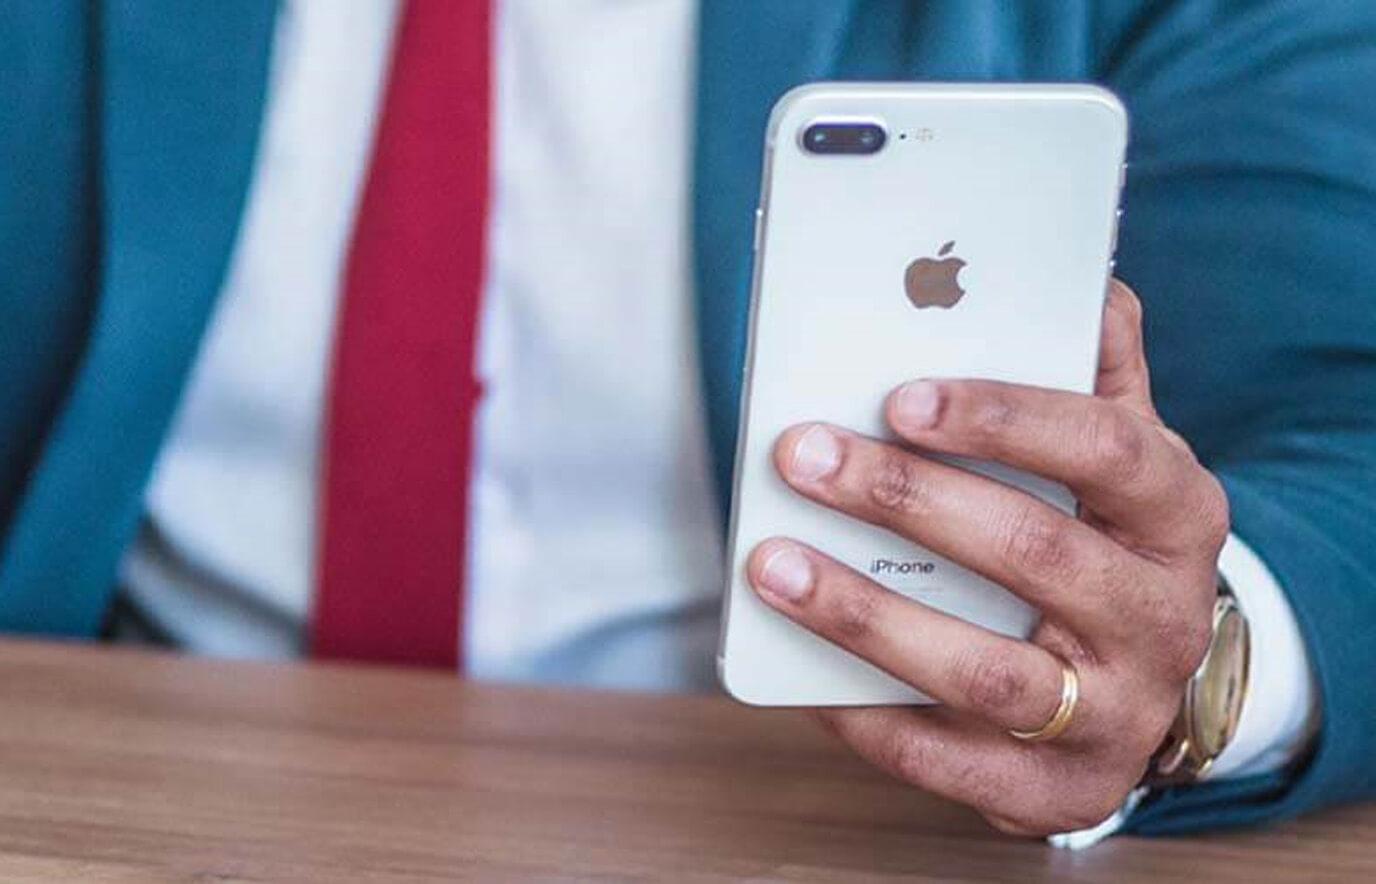 iPhone zakelijk gebruiken